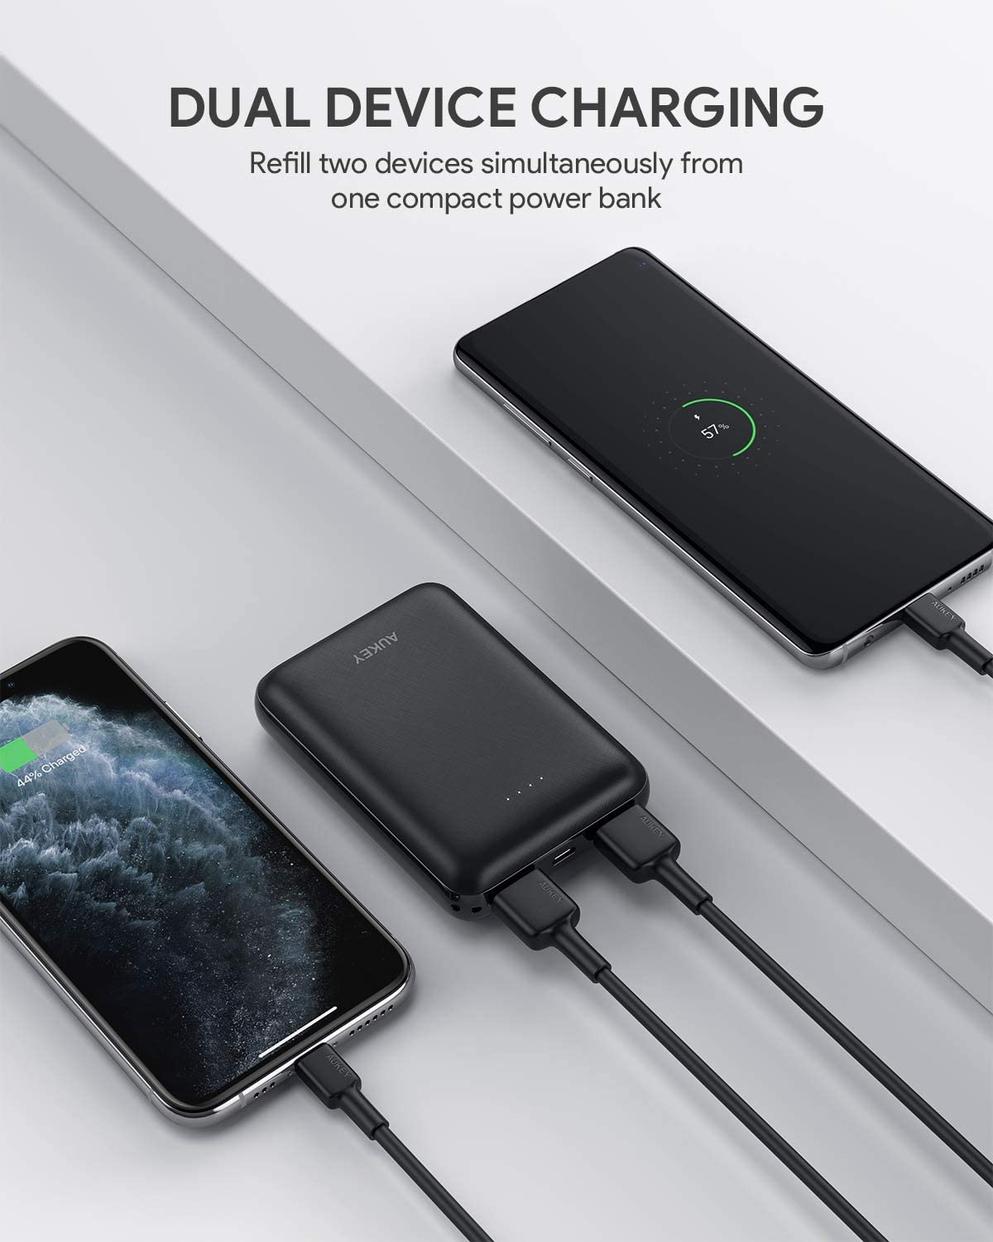 AUKEY(オーキー) 10000mAh モバイルバッテリー PB-N66の商品画像4